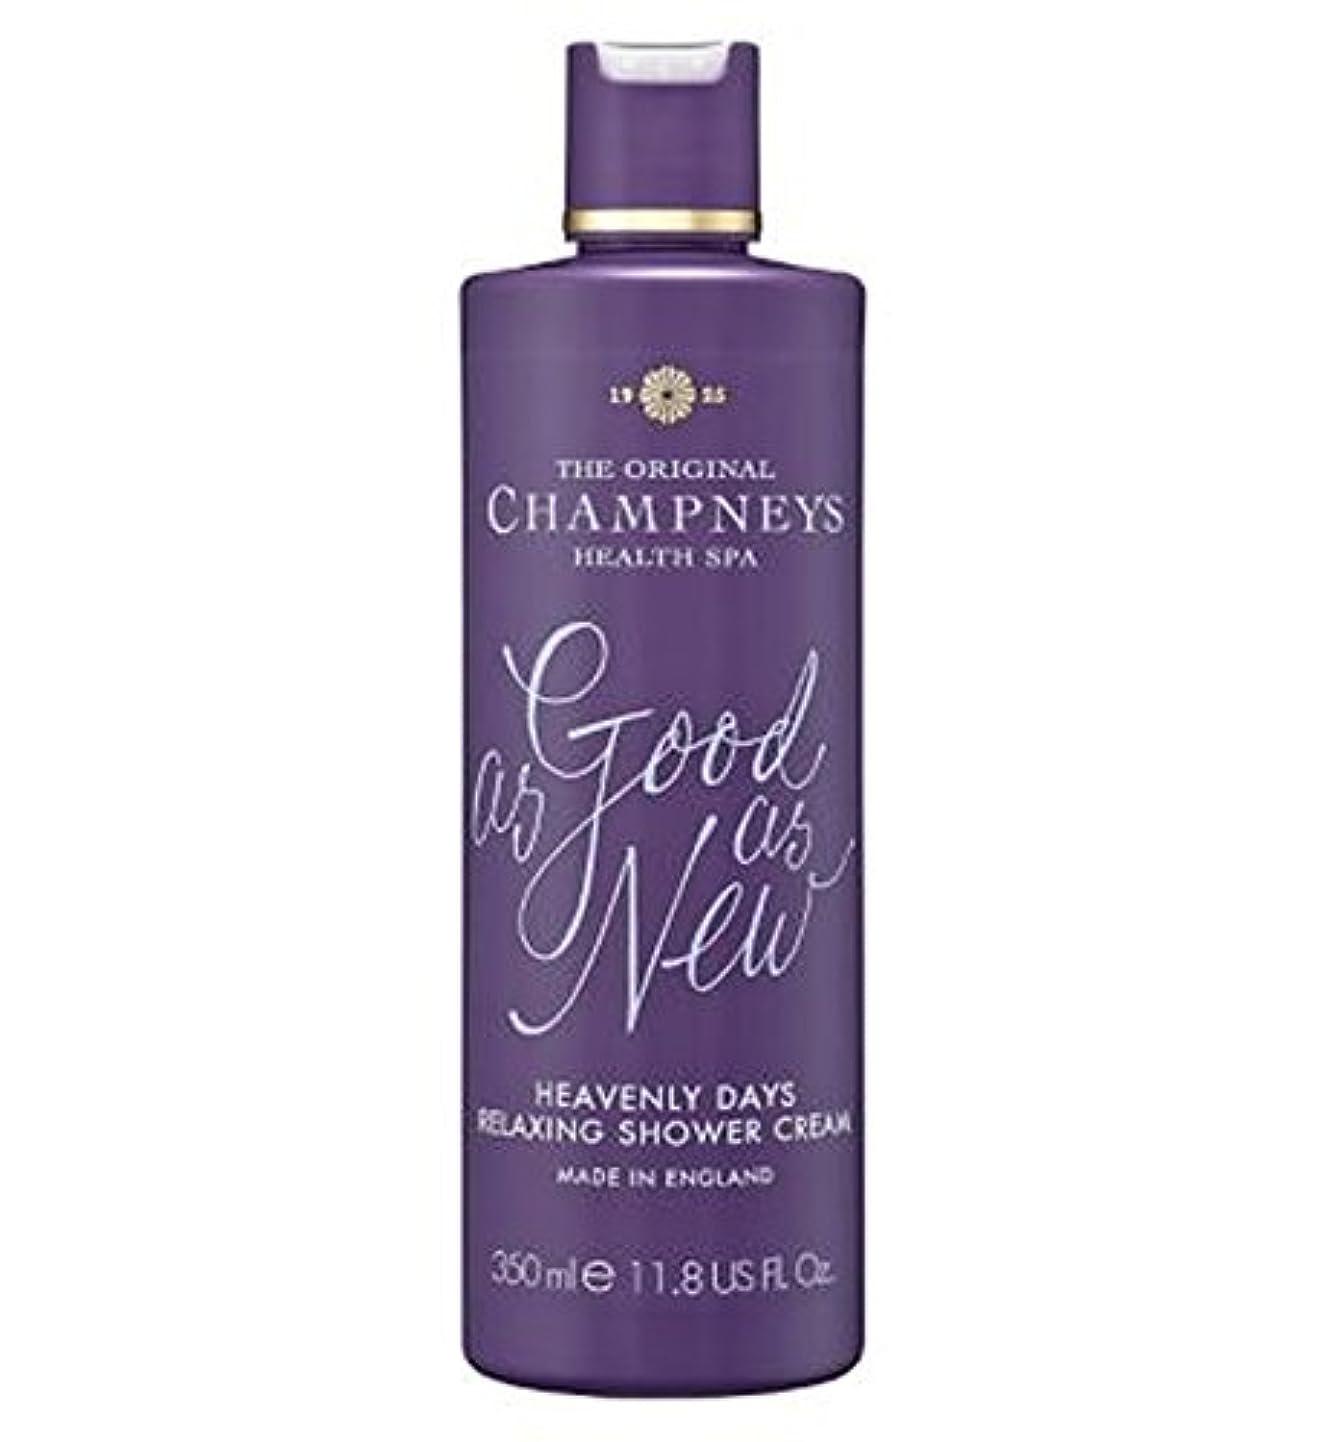 ローブ青執着Champneys Heavenly Days Relaxing Shower Cream 350ml - チャンプニーズ天の日のリラックスシャワークリーム350ミリリットル (Champneys) [並行輸入品]